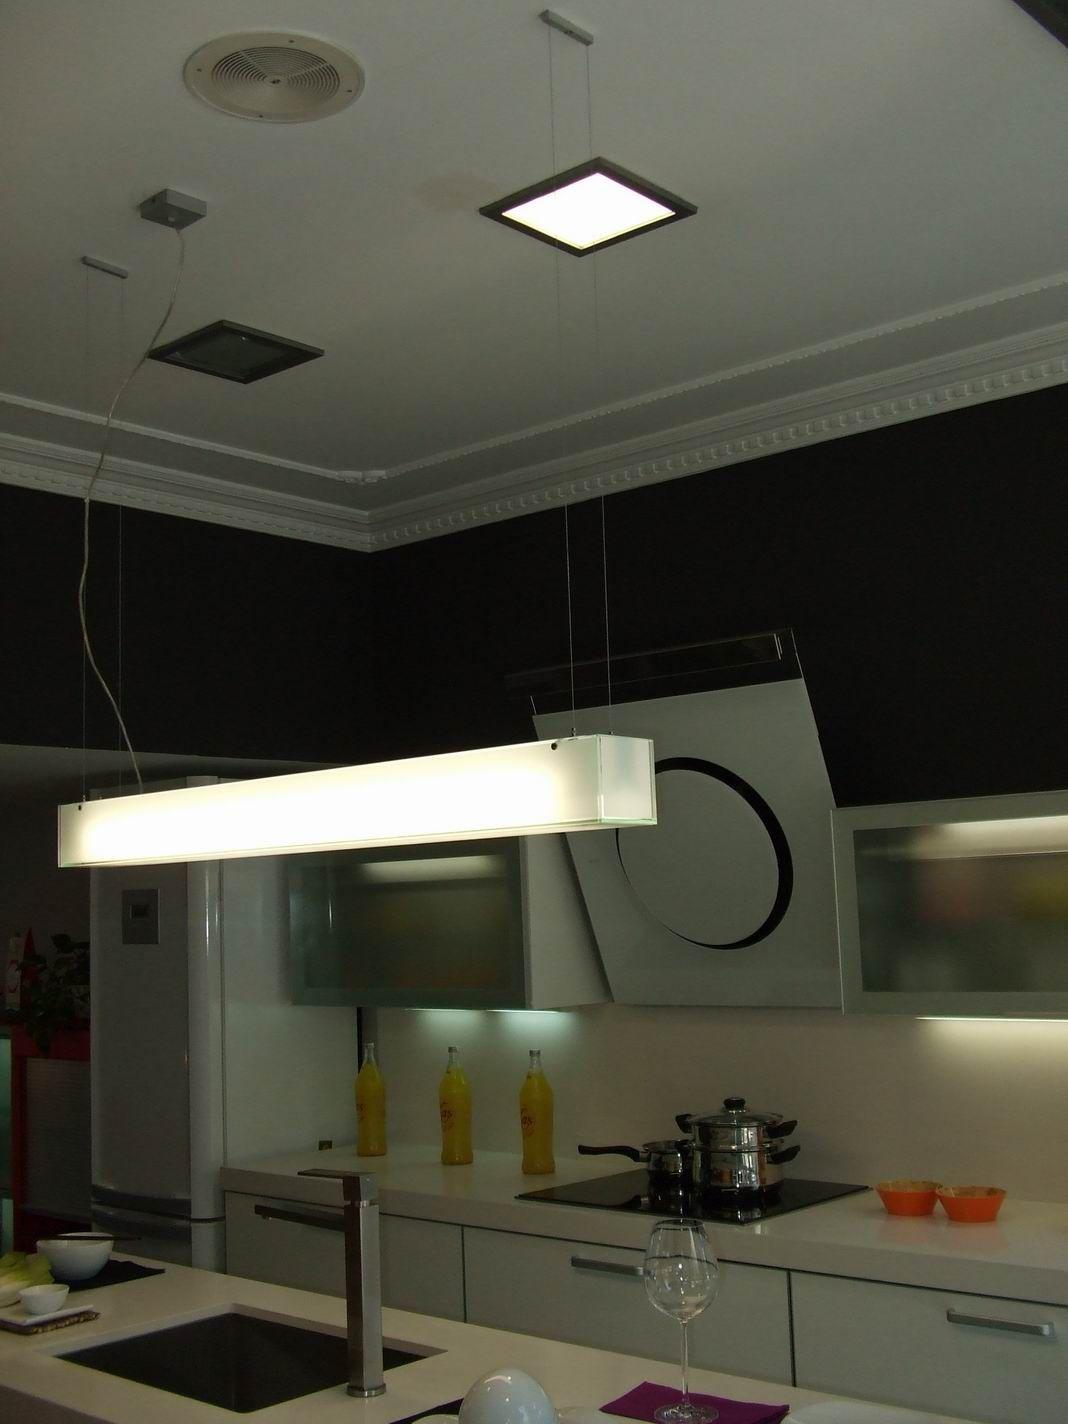 Proyecto iluminacion tienda muebles de cocina taralux for Proyecto muebles de cocina